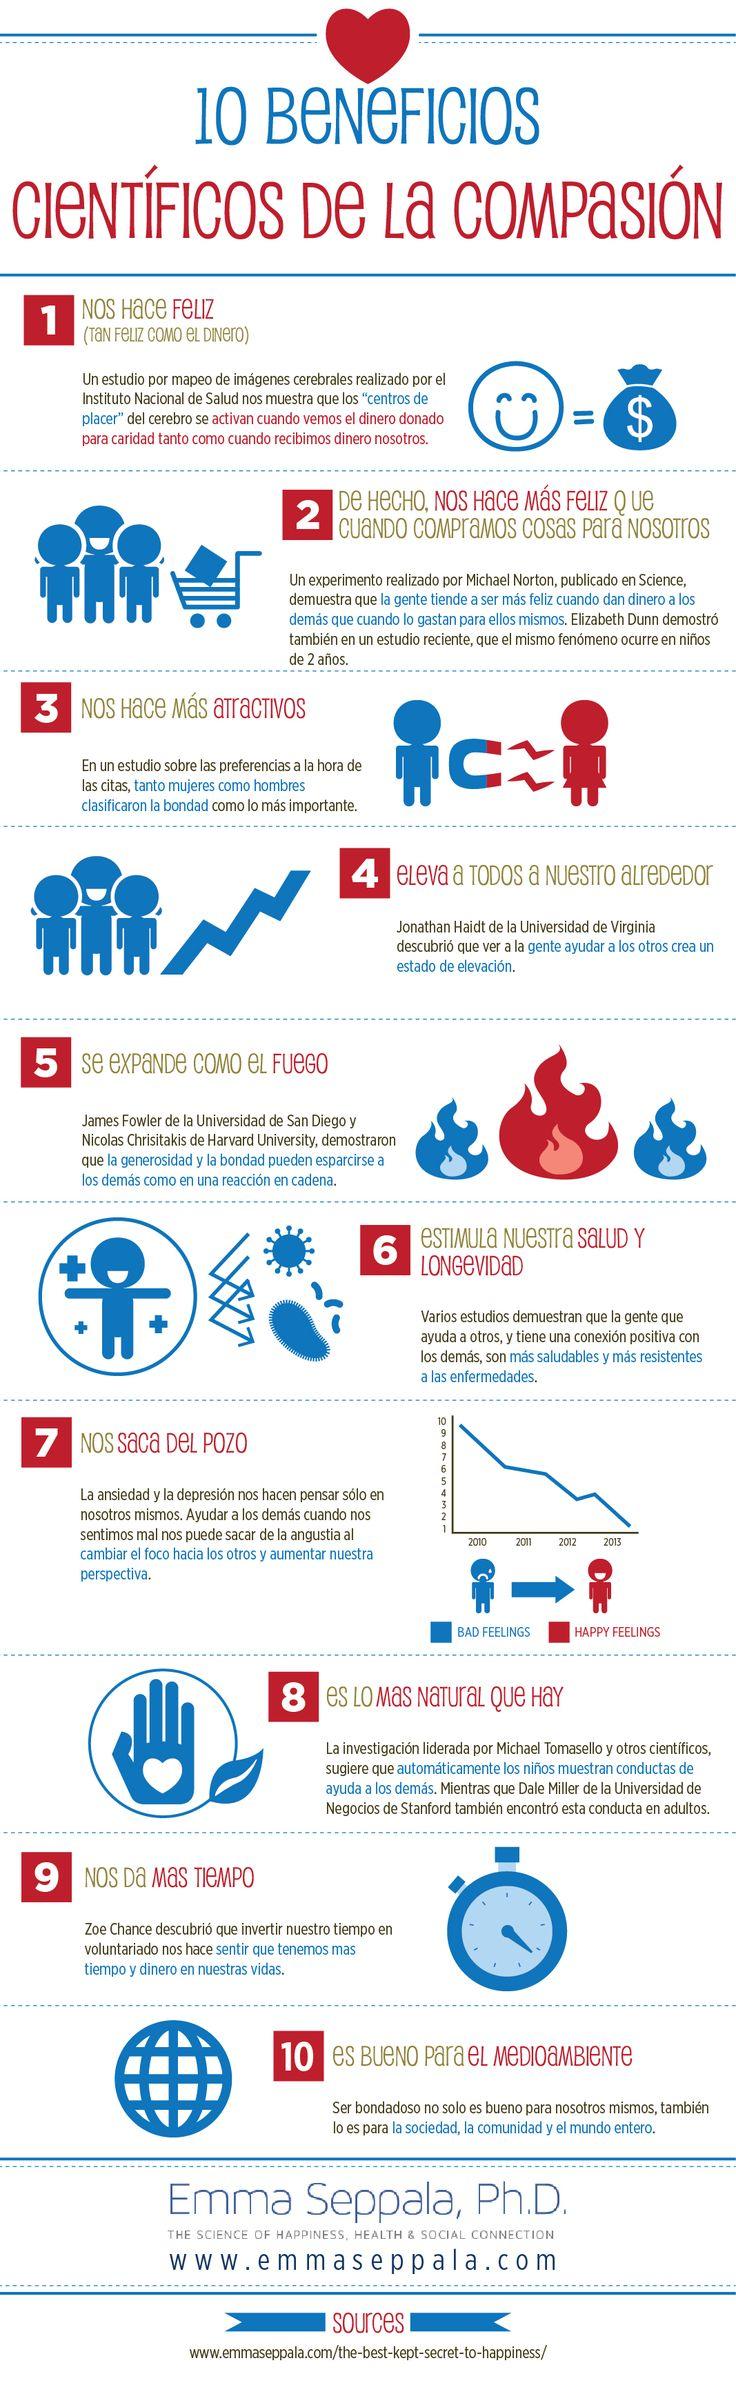 infografia_10_beneficios_cientificos_de_la_compasion.jpg (1067×3455)